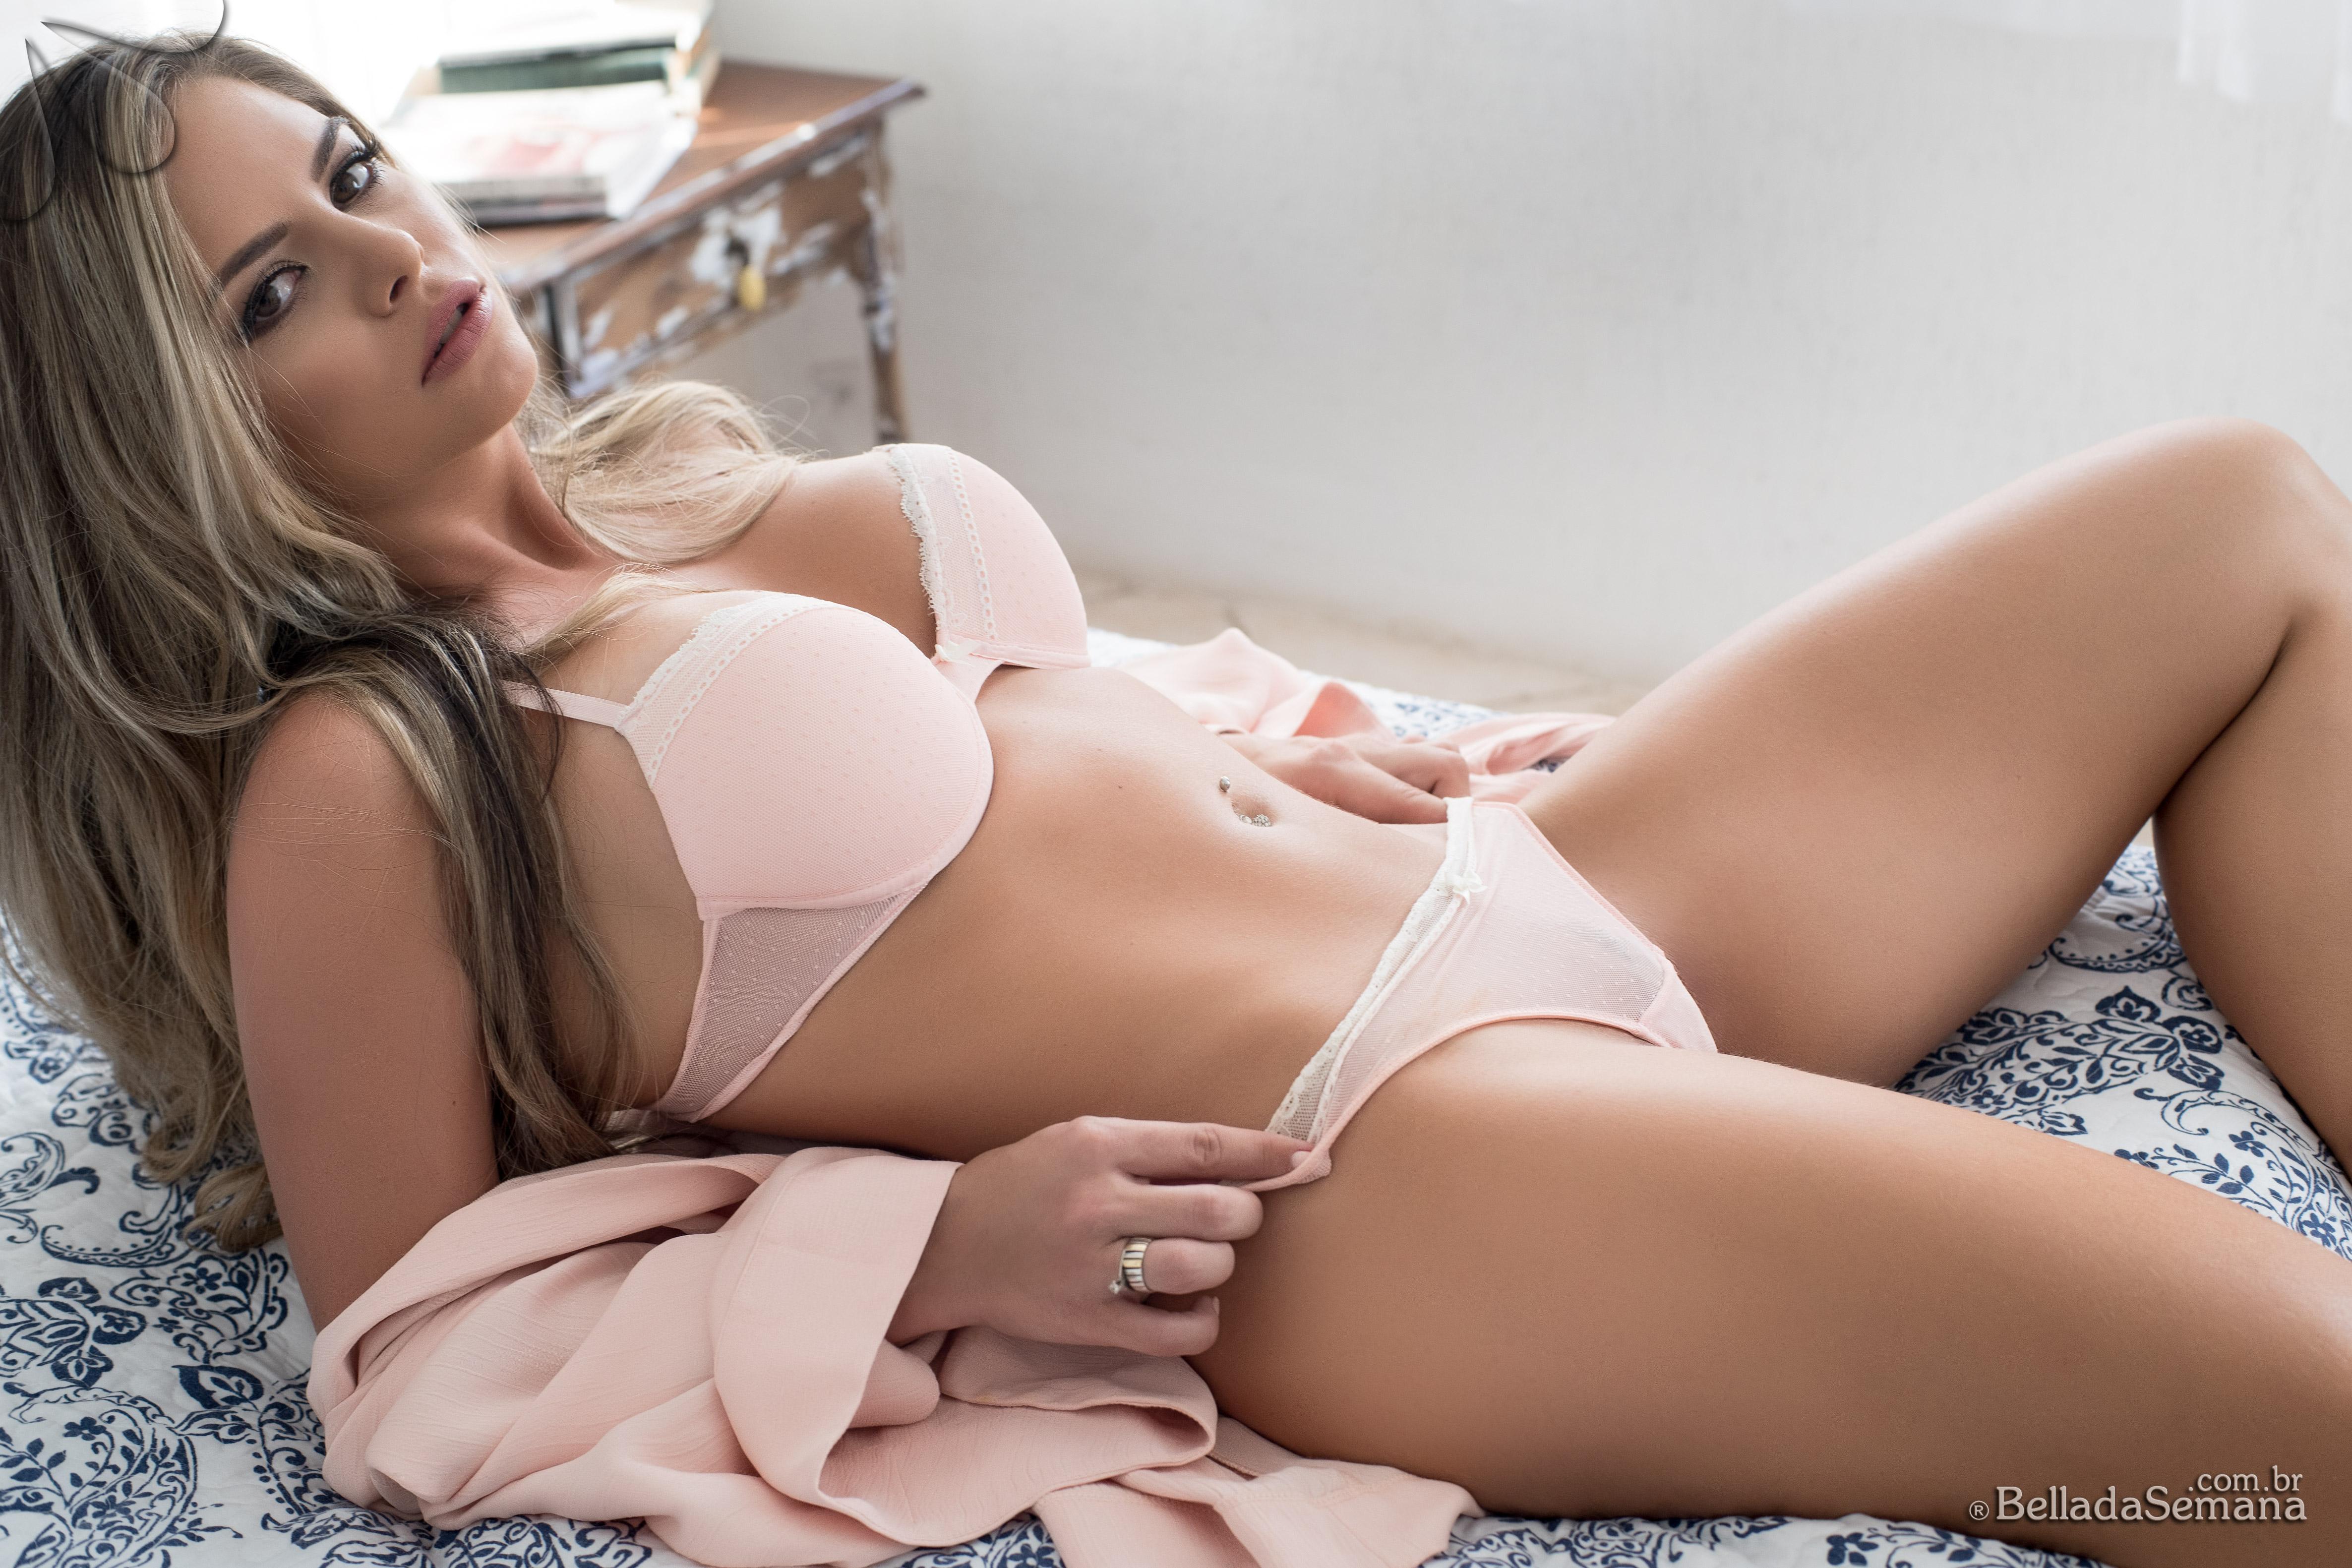 Stefanie-Mello-parte-3-Bella-da-semana